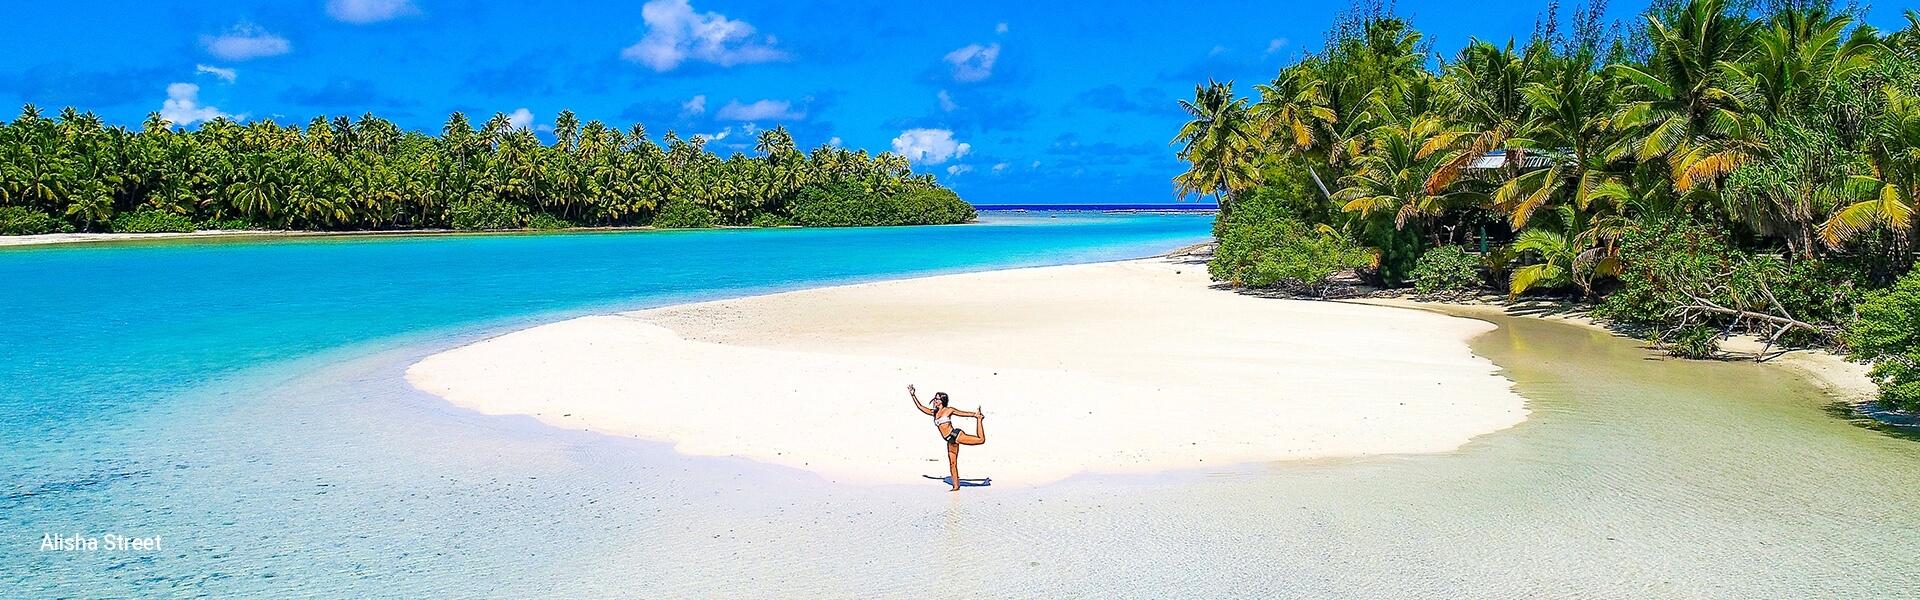 Rarotonga Travel